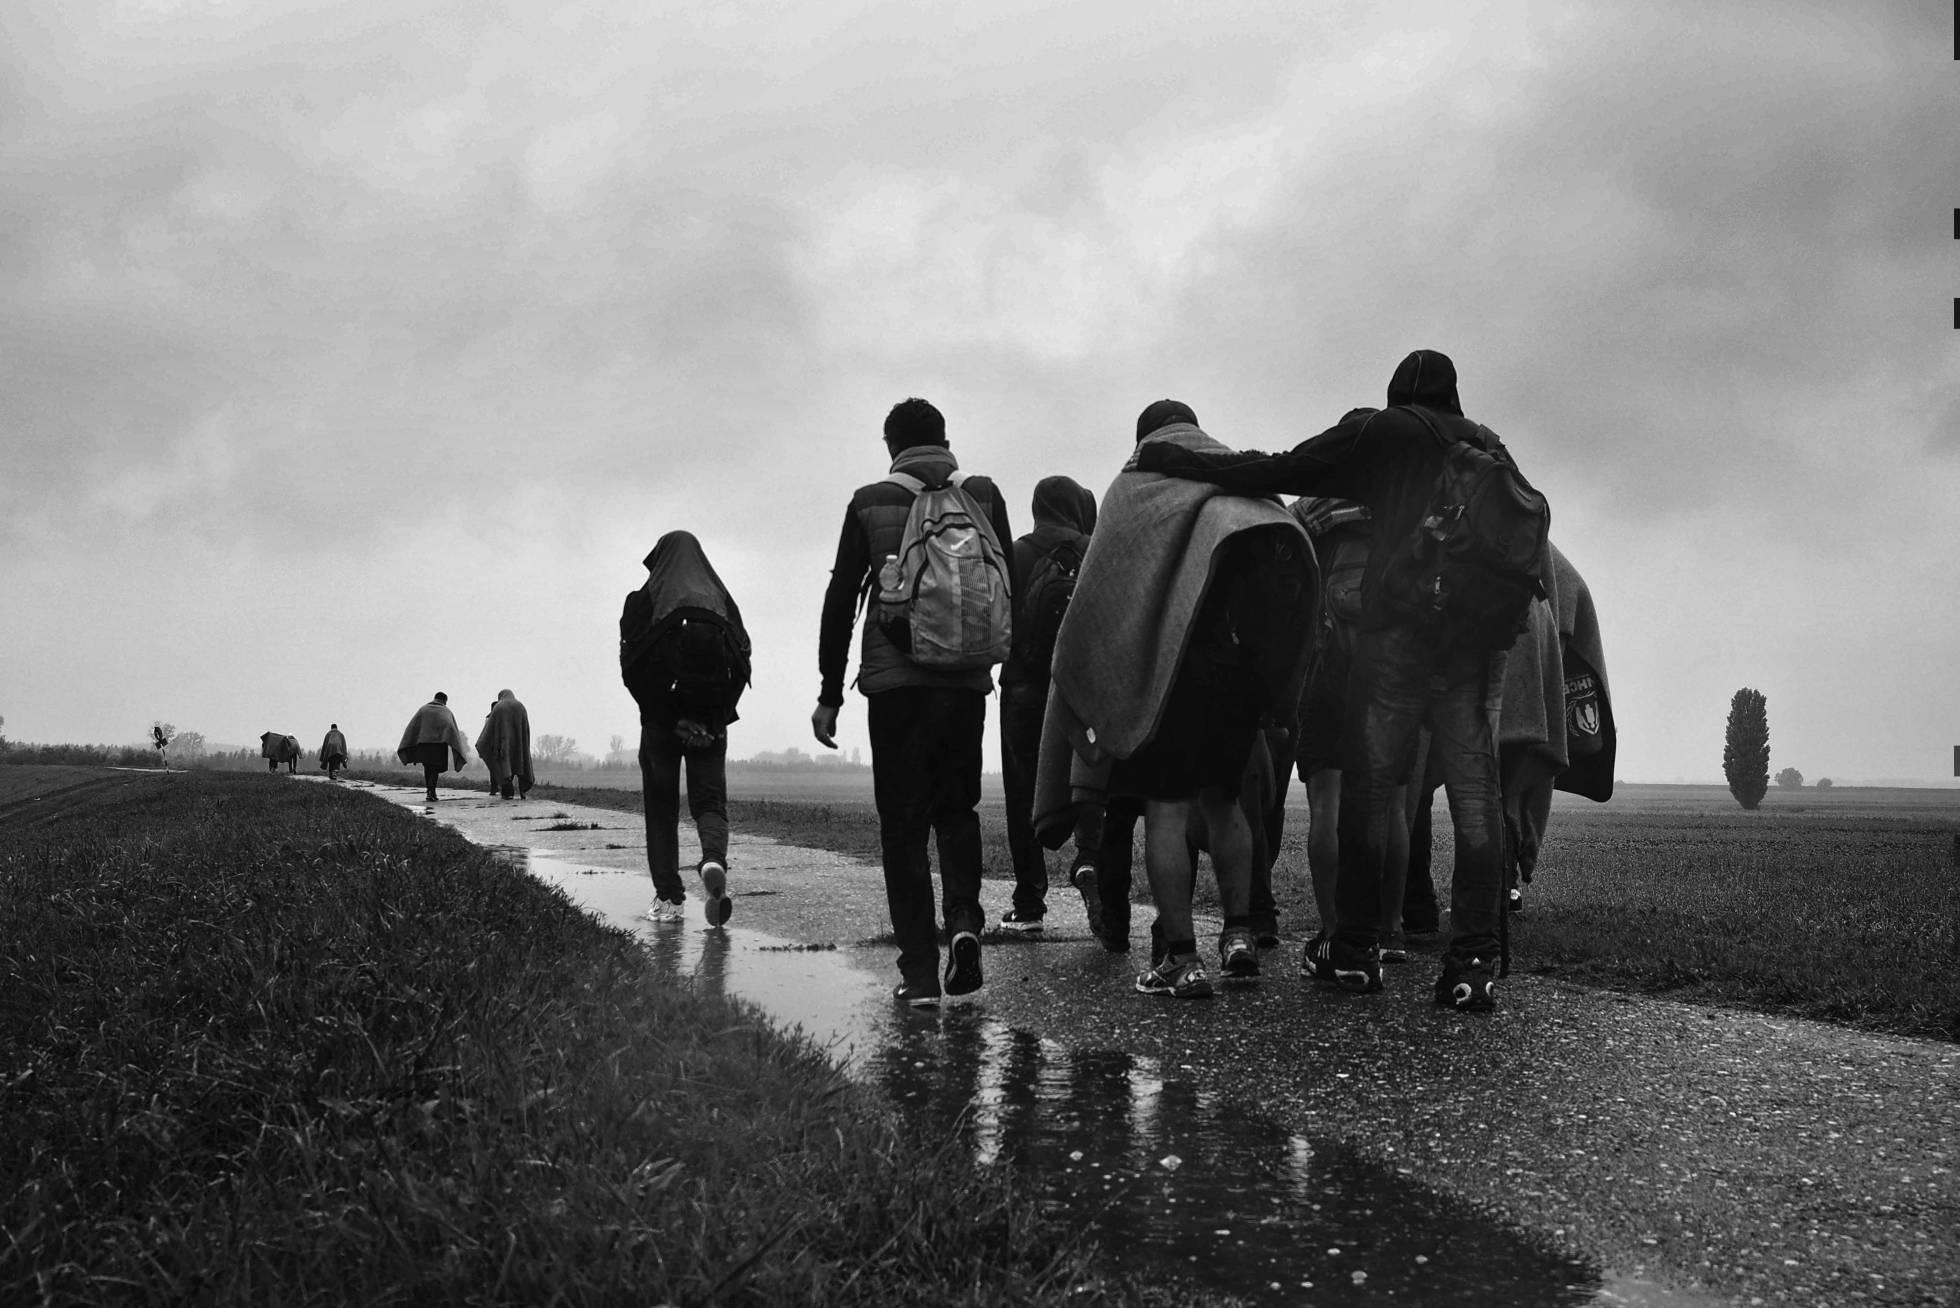 Refugiados en la frontera entre Serbia y Hungría. ANDREJA RESTEK